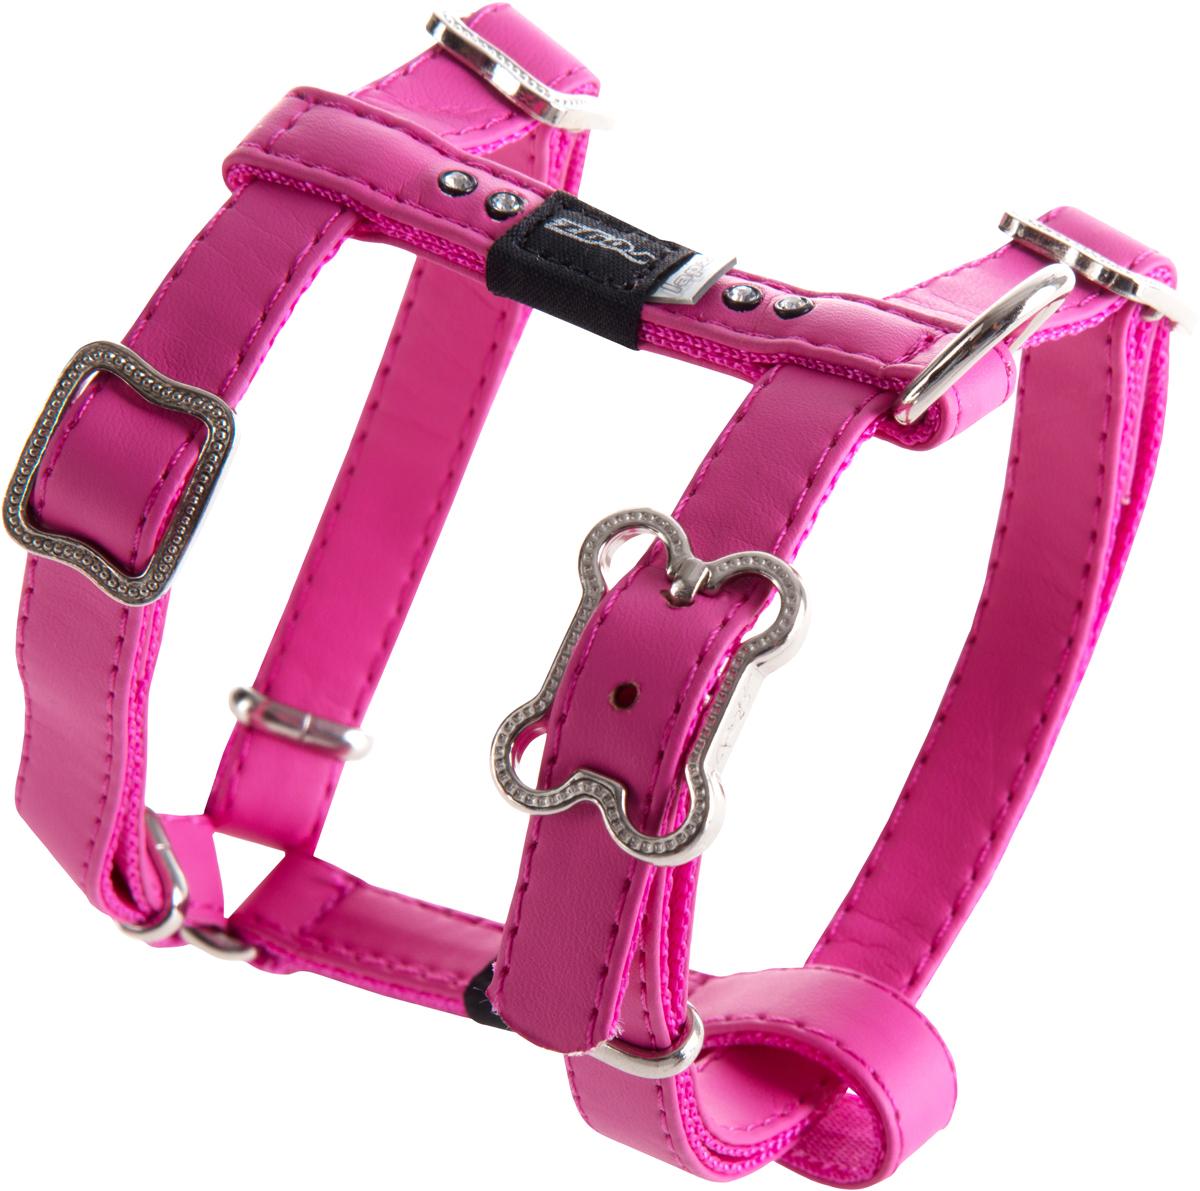 Шлейка для собак Rogz Luna, цвет: розовый, ширина 1,3 см. Размер SSJ501KШлейка для собак Rogz Luna обладает нежнейшей мягкостью и гибкостью.Авторский дизайн, яркие цвета, изысканные декоративные элементы со стразами.Шлейка подчеркнет индивидуальность вашей собаки.